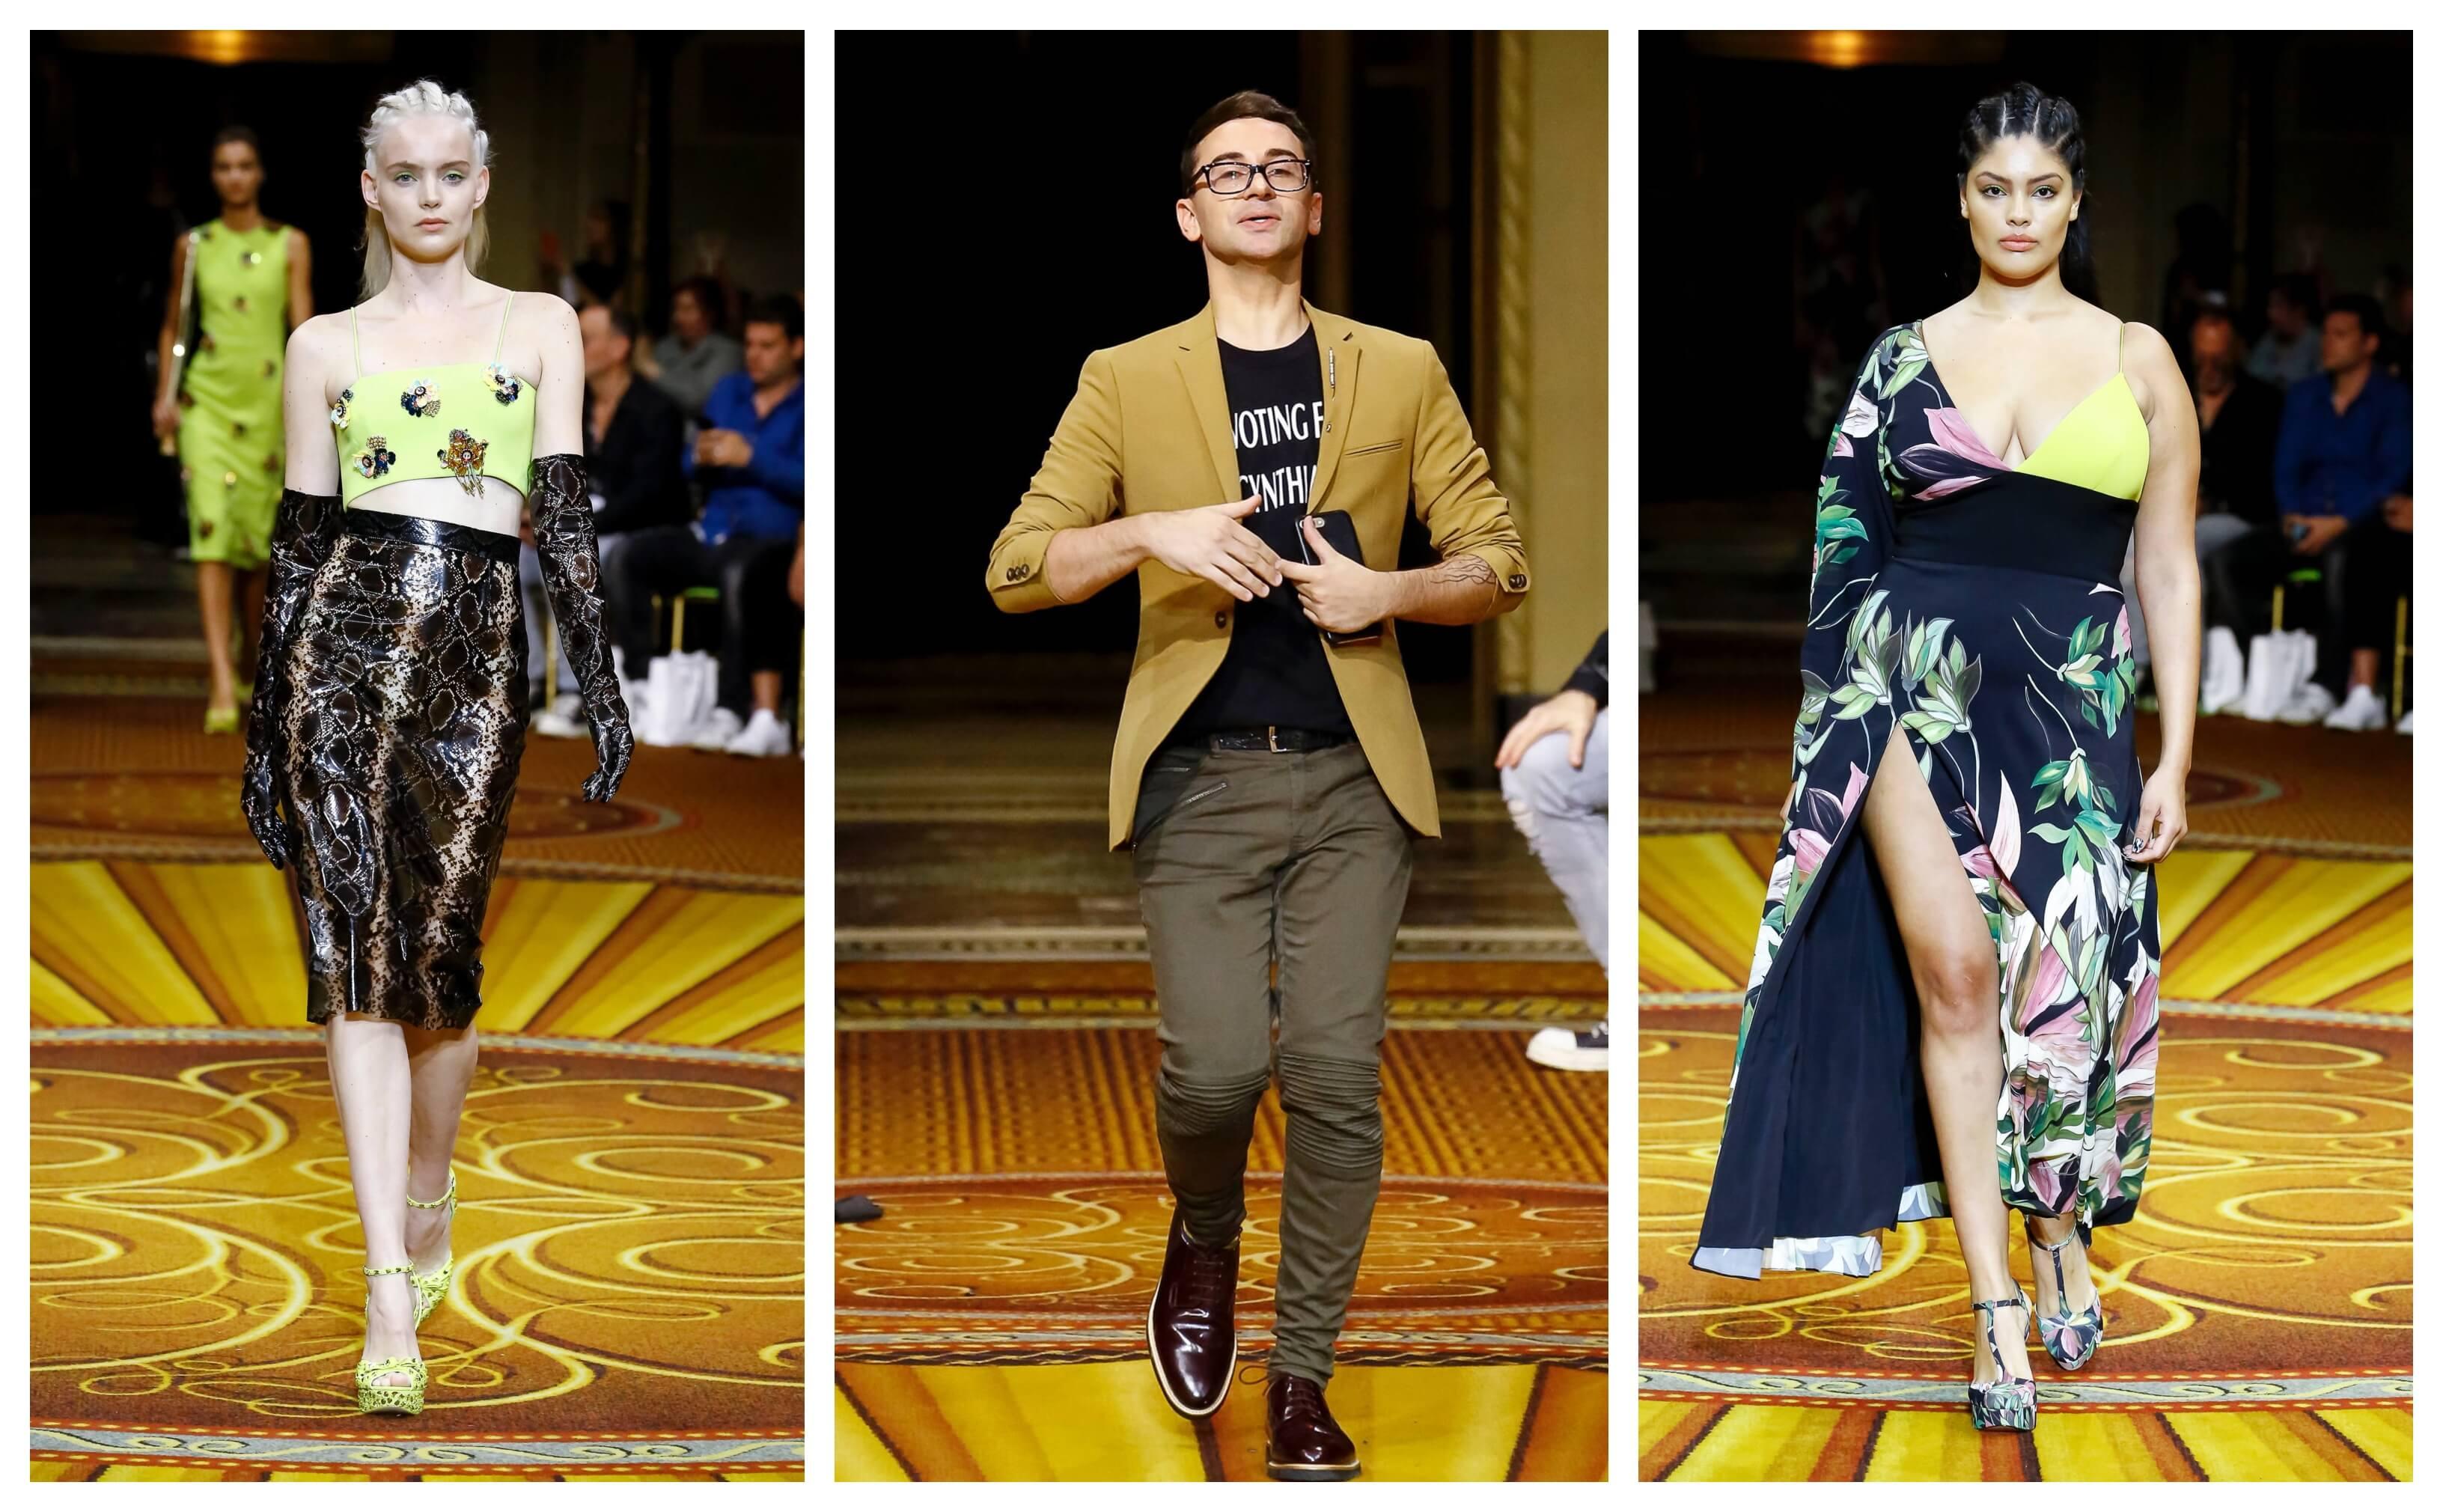 moda curvy siriano